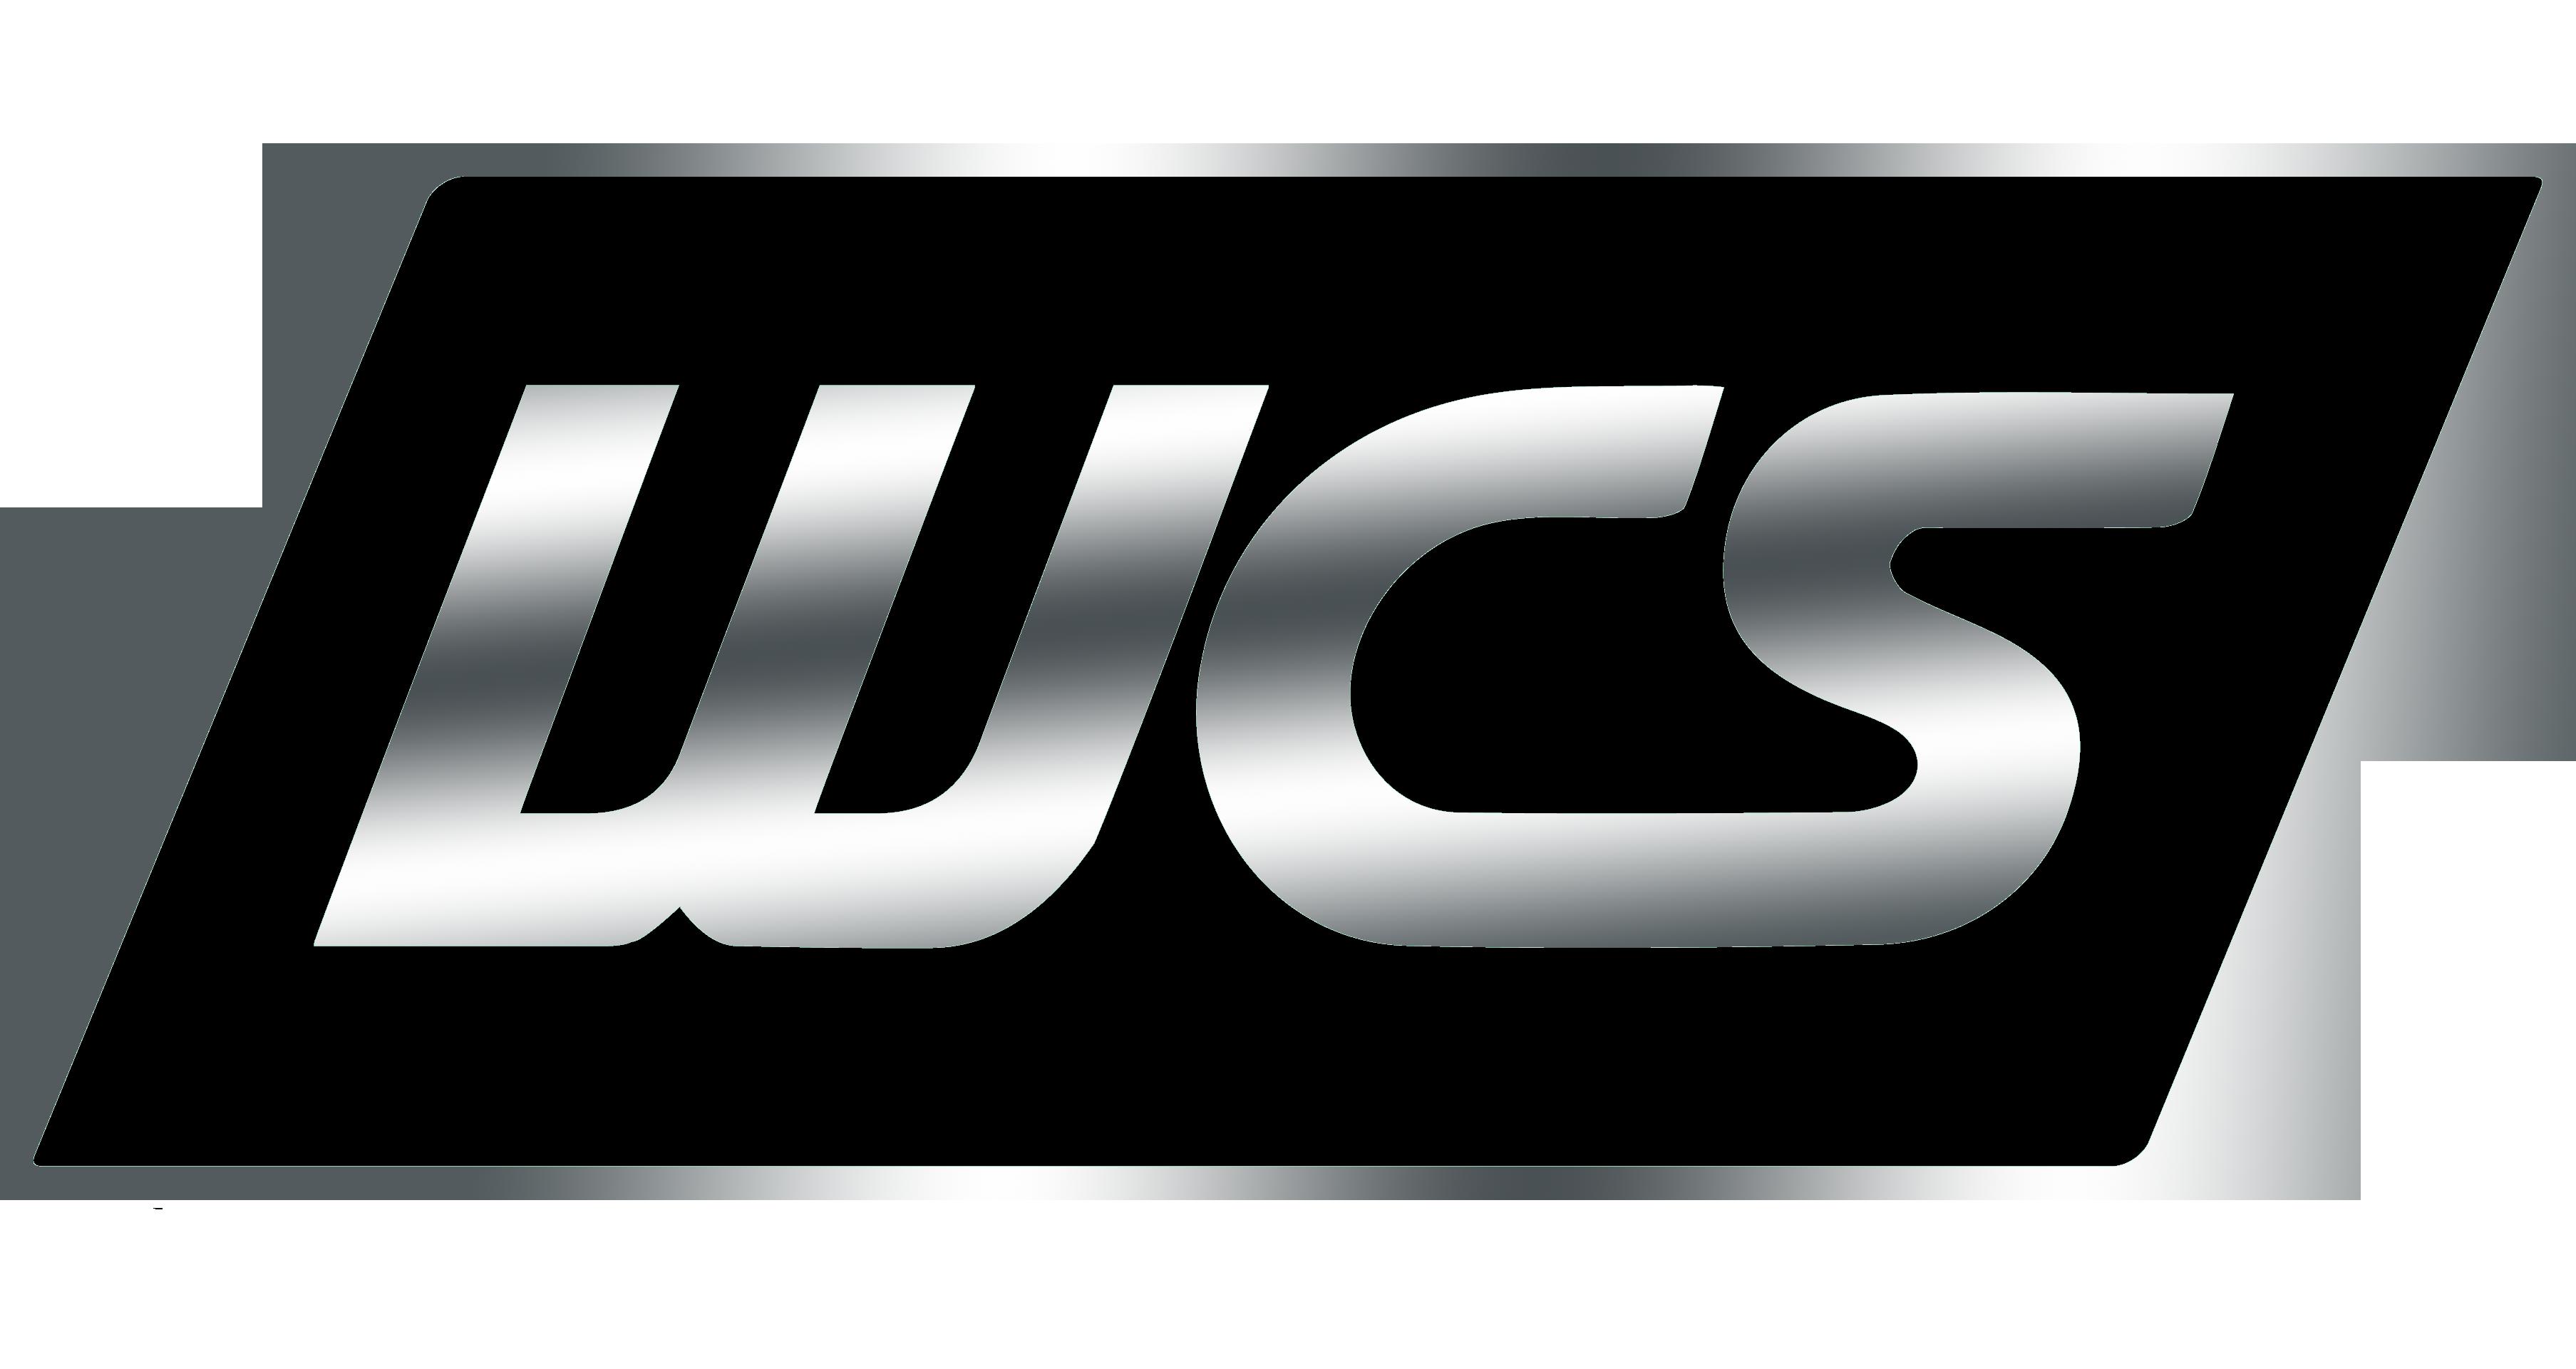 WCS gradient black